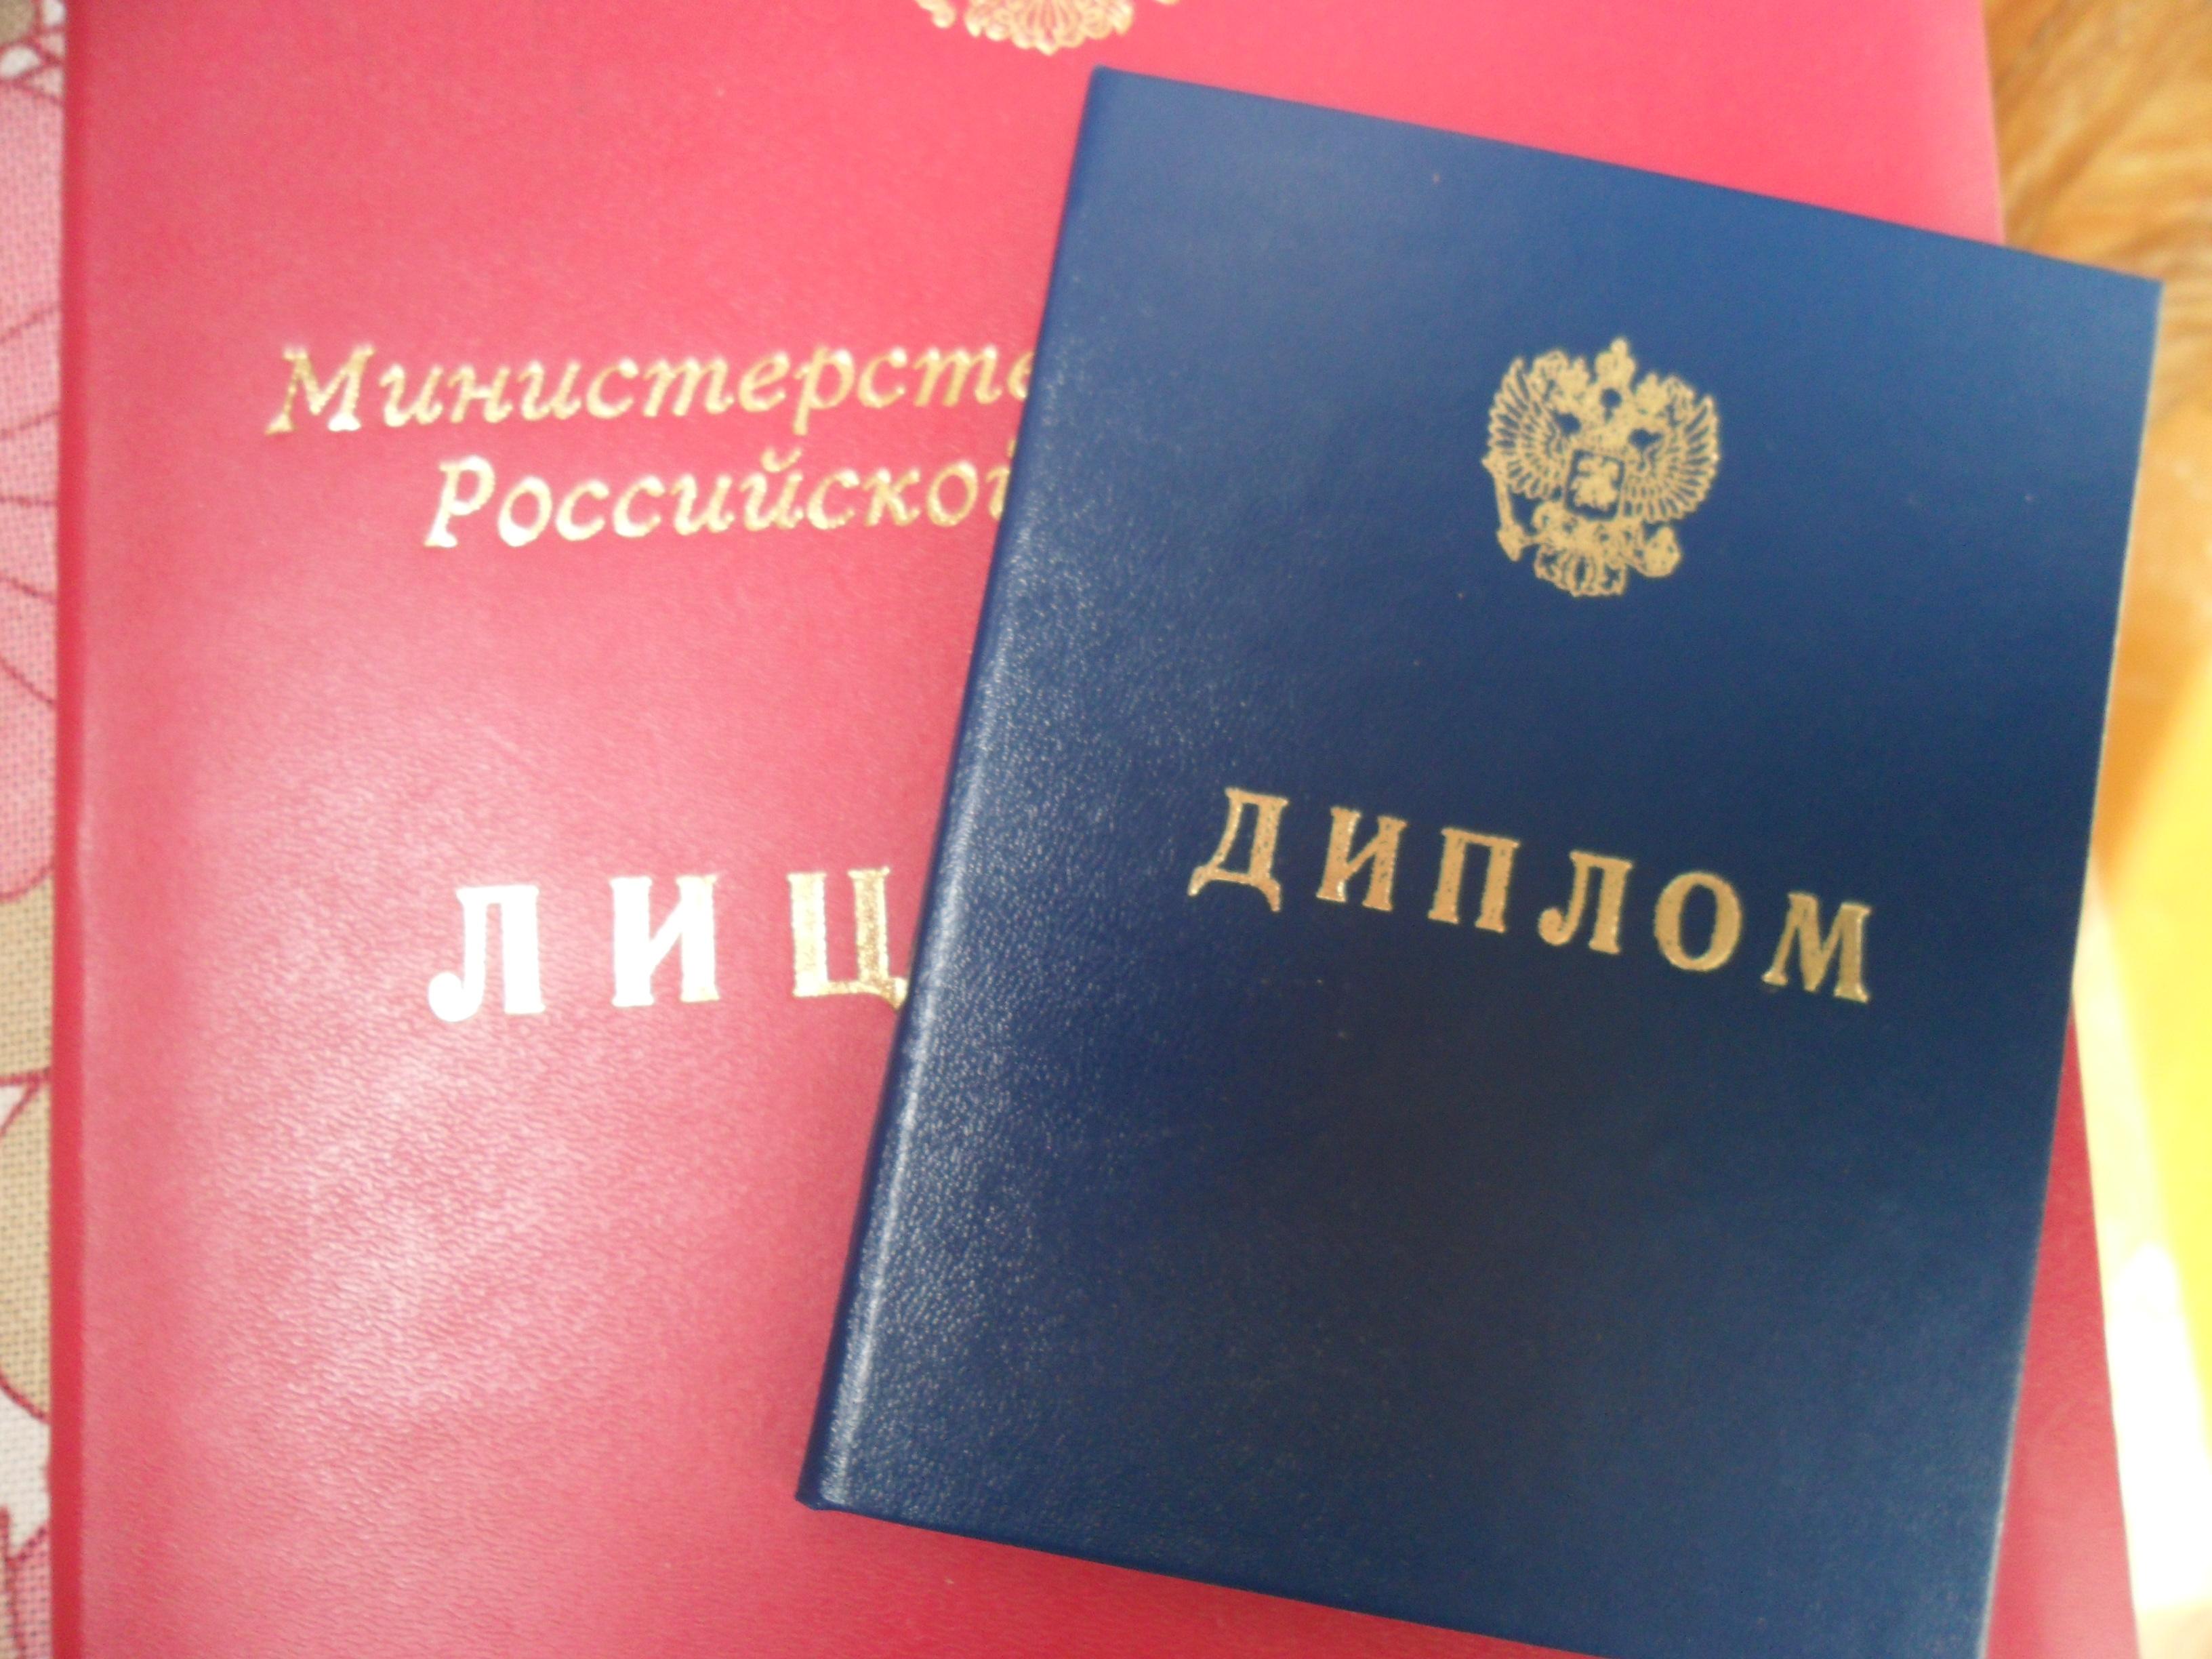 свидетельство о браке украины фото